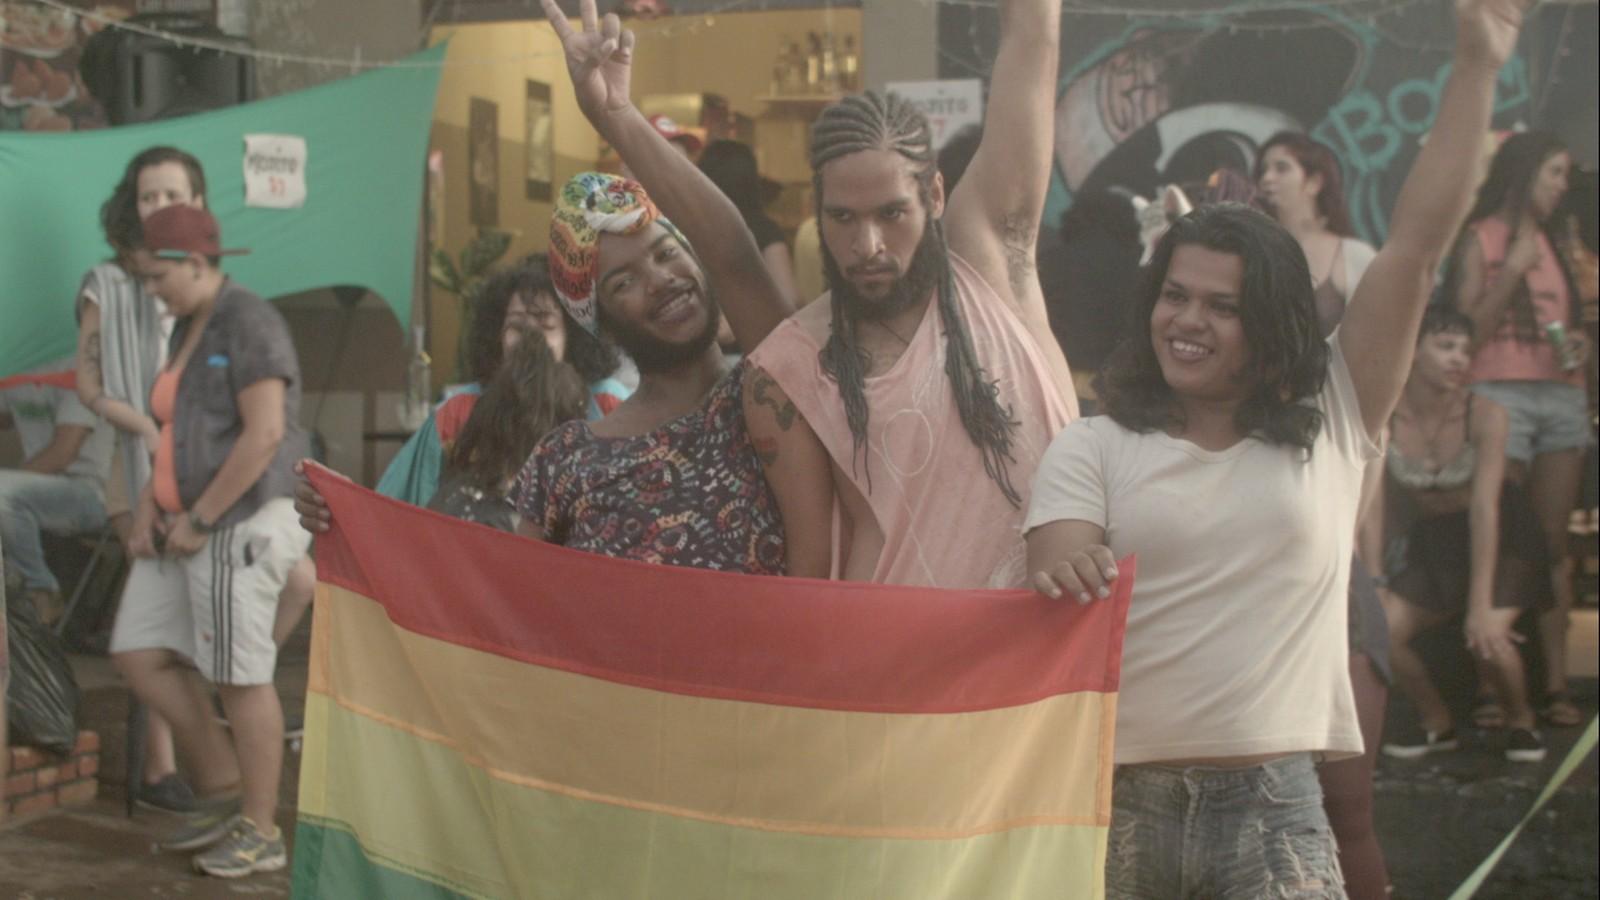 Após críticas de Bolsonaro, edital com séries de temas LGBT é suspenso